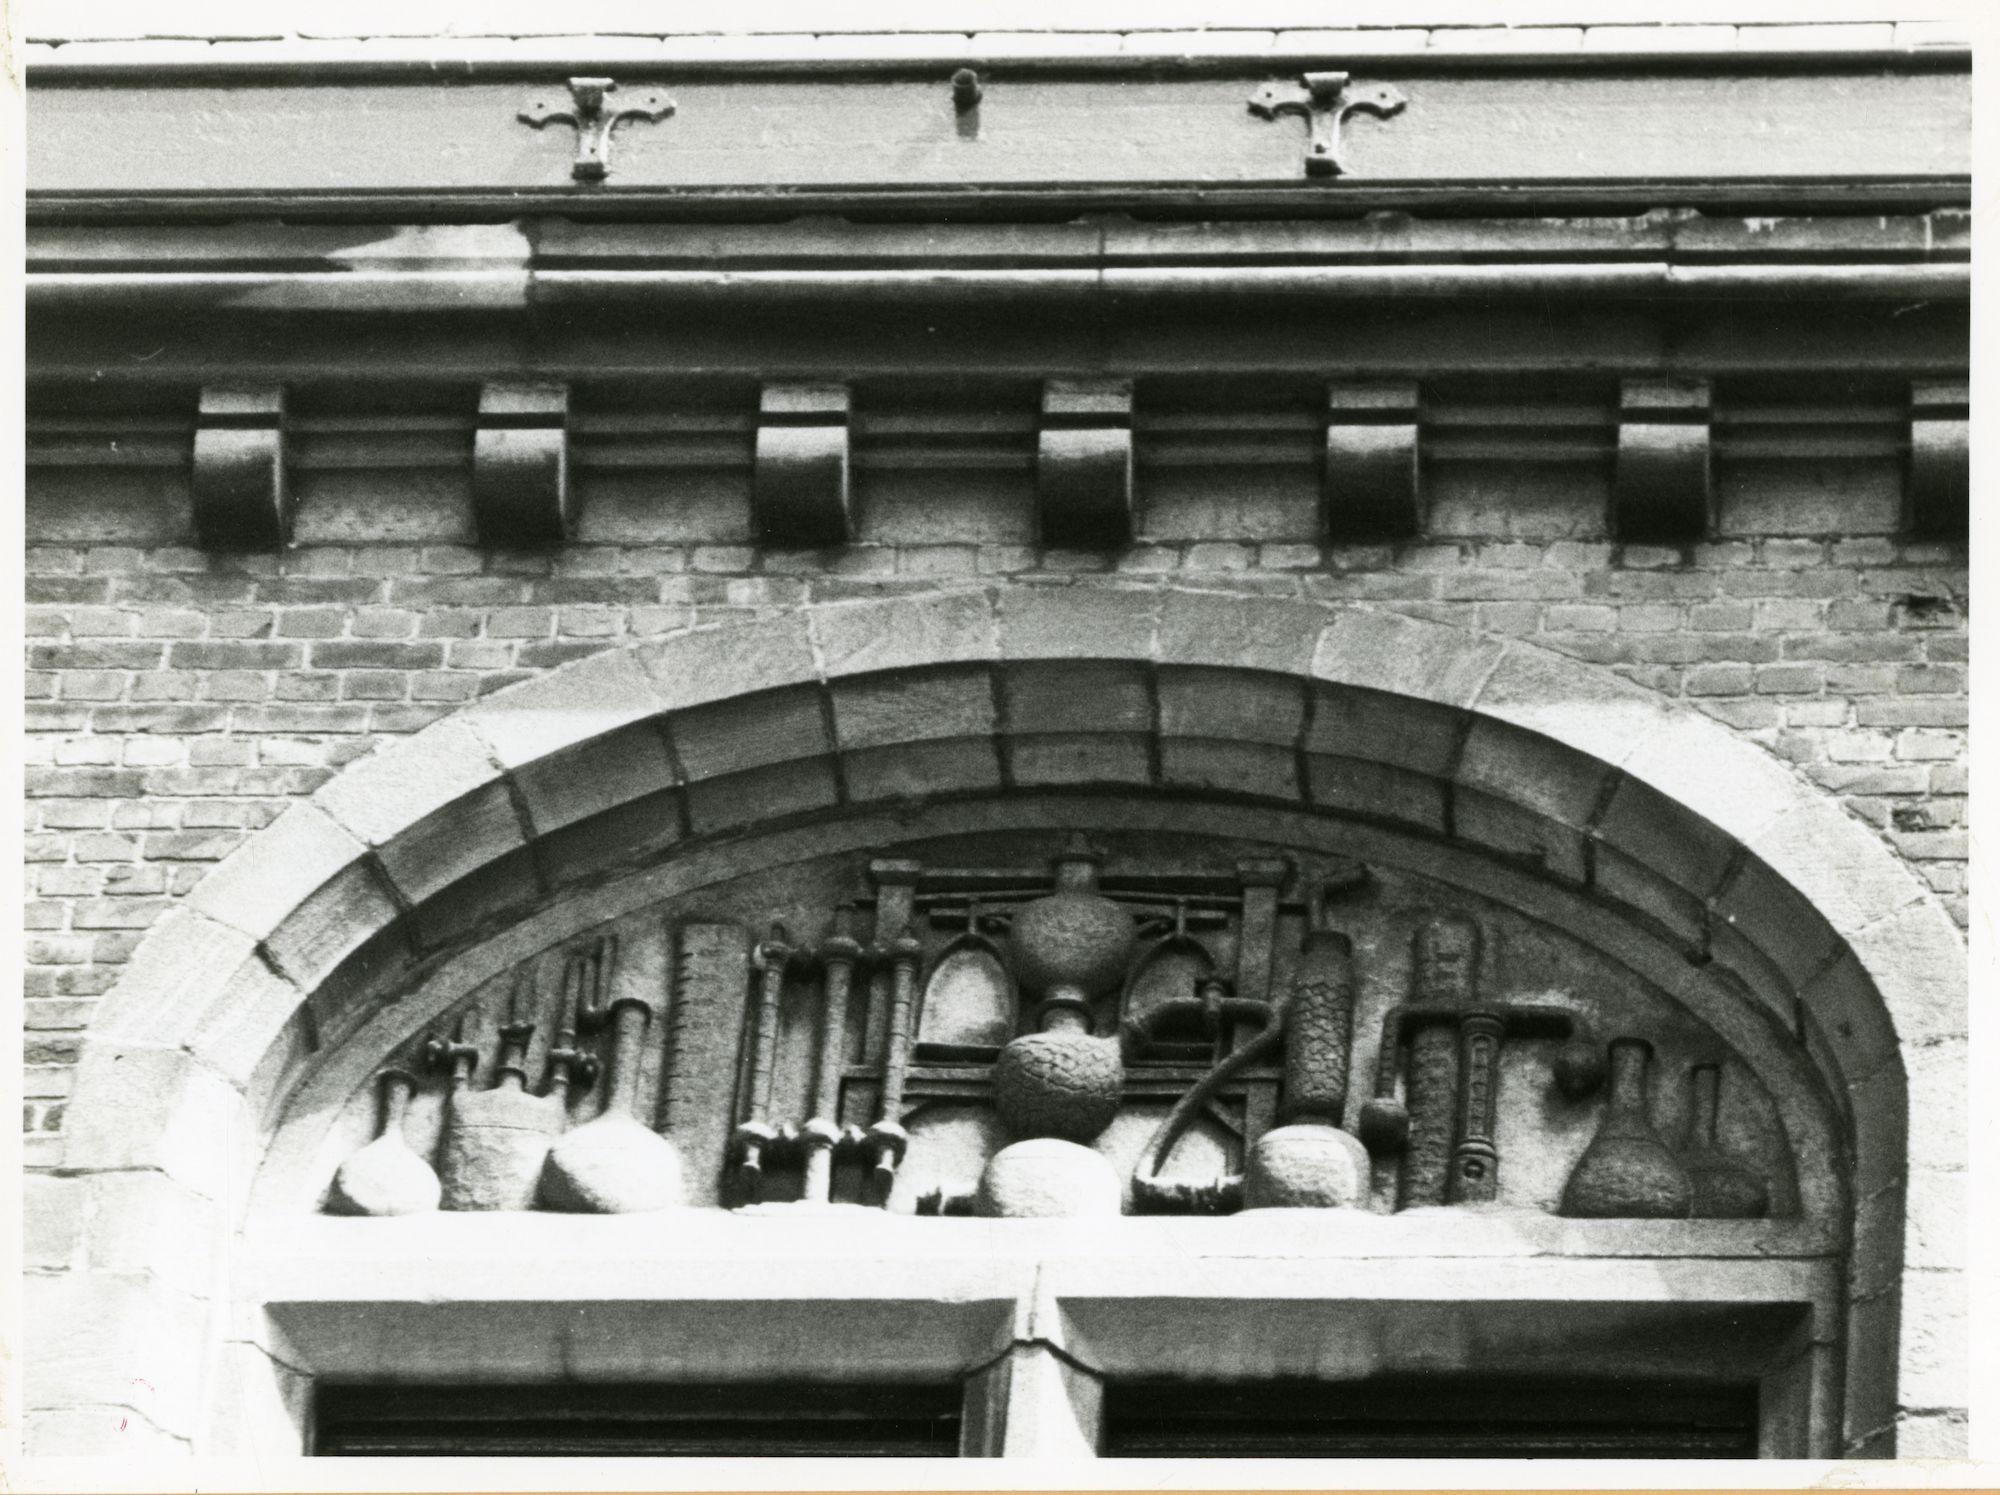 Gent: Hospitaalstraat: Beeldhouwwerk, 1979